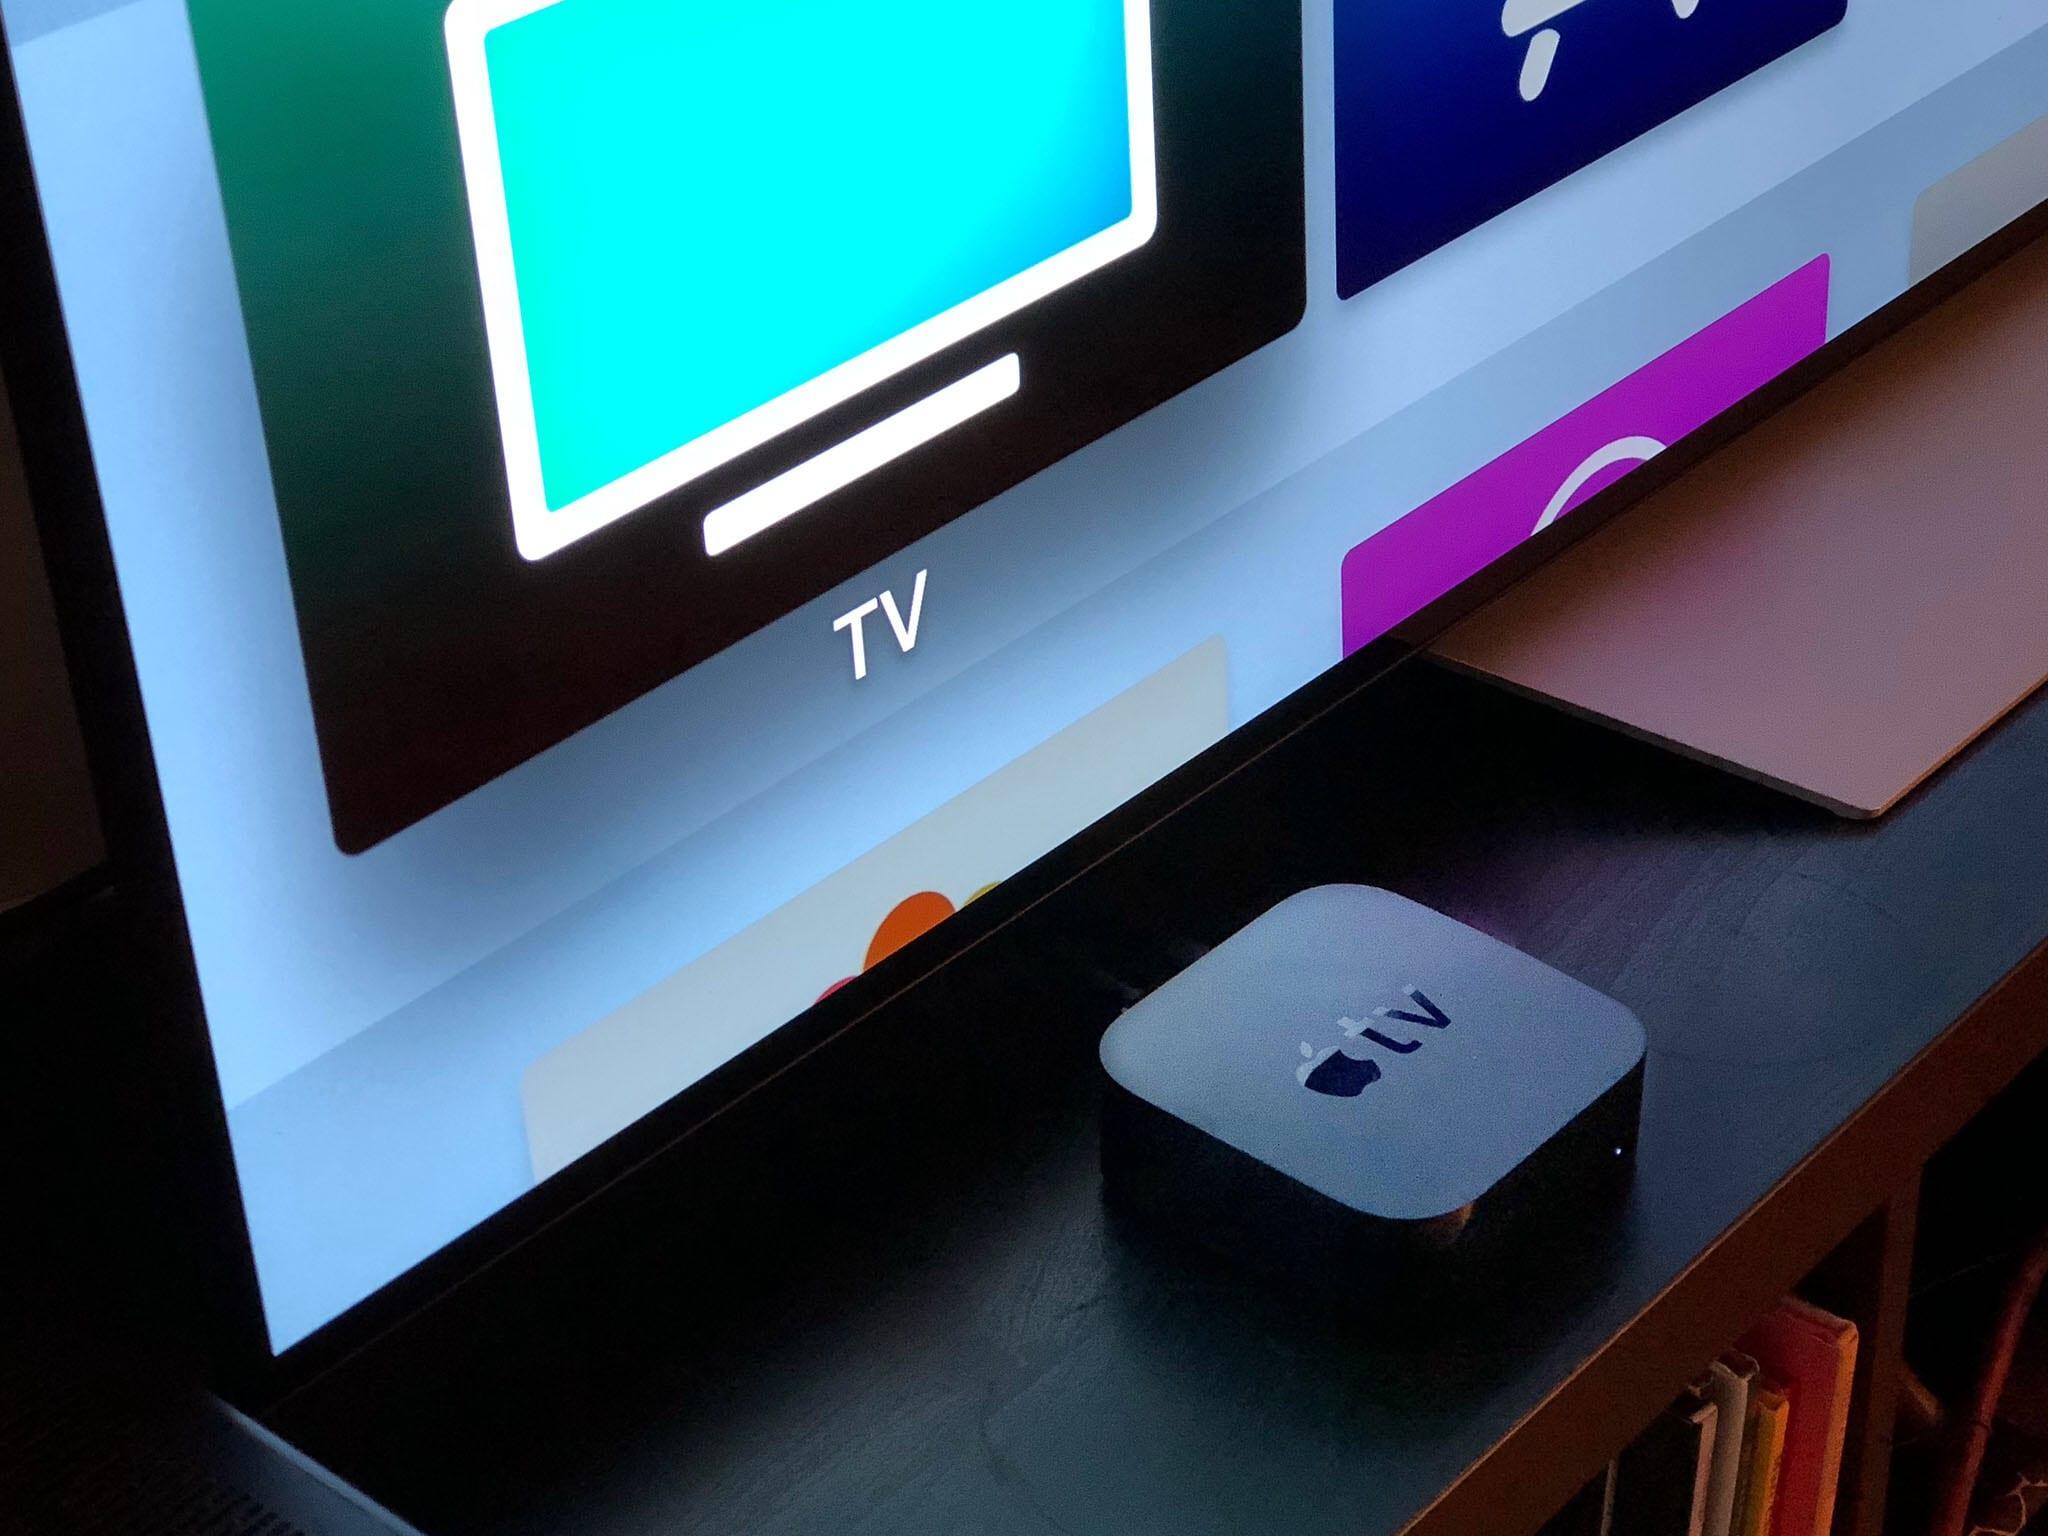 Як відновити/скинути Apple TV 4K